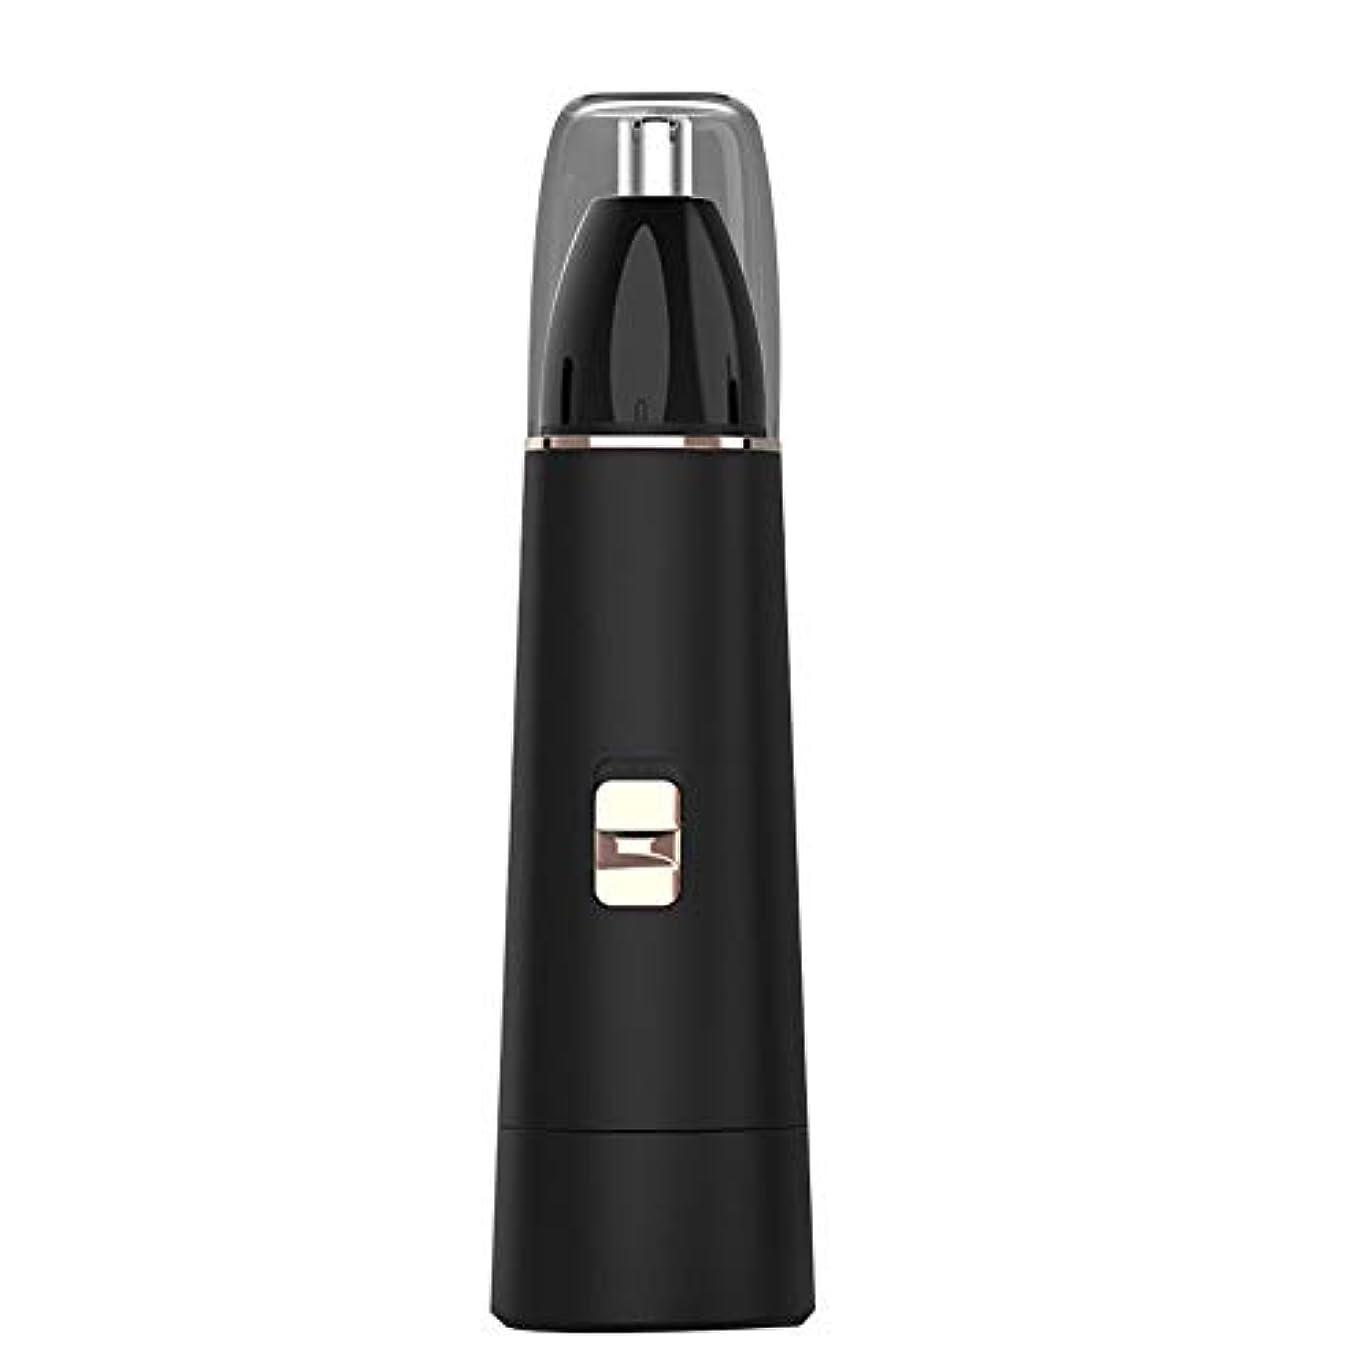 注釈砲兵案件鼻毛トリマー-USB充電式電動鼻毛トリマー/ABS素材/多機能 お手入れが簡単